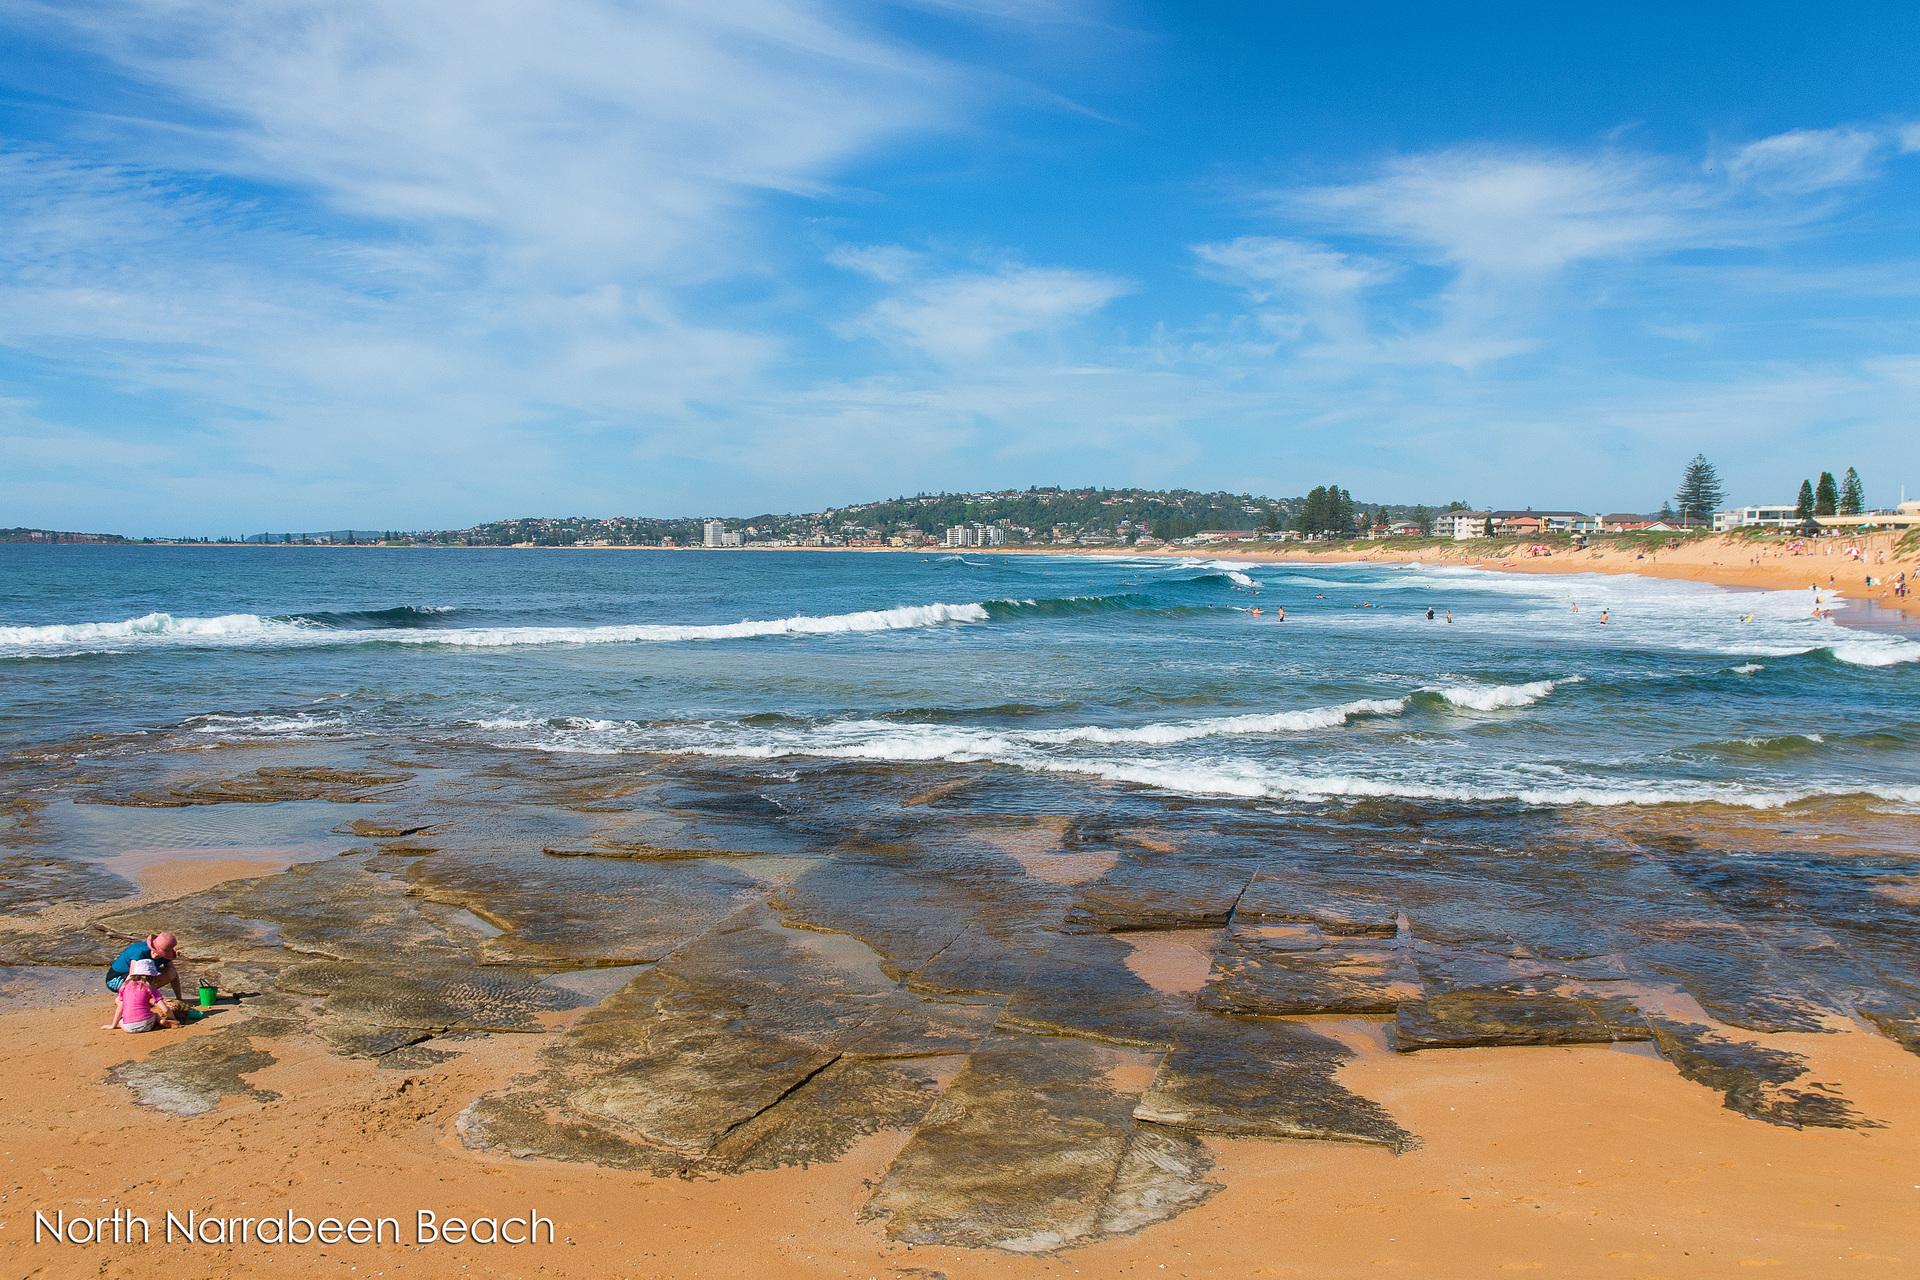 Location Shot North Narrabeen Beach